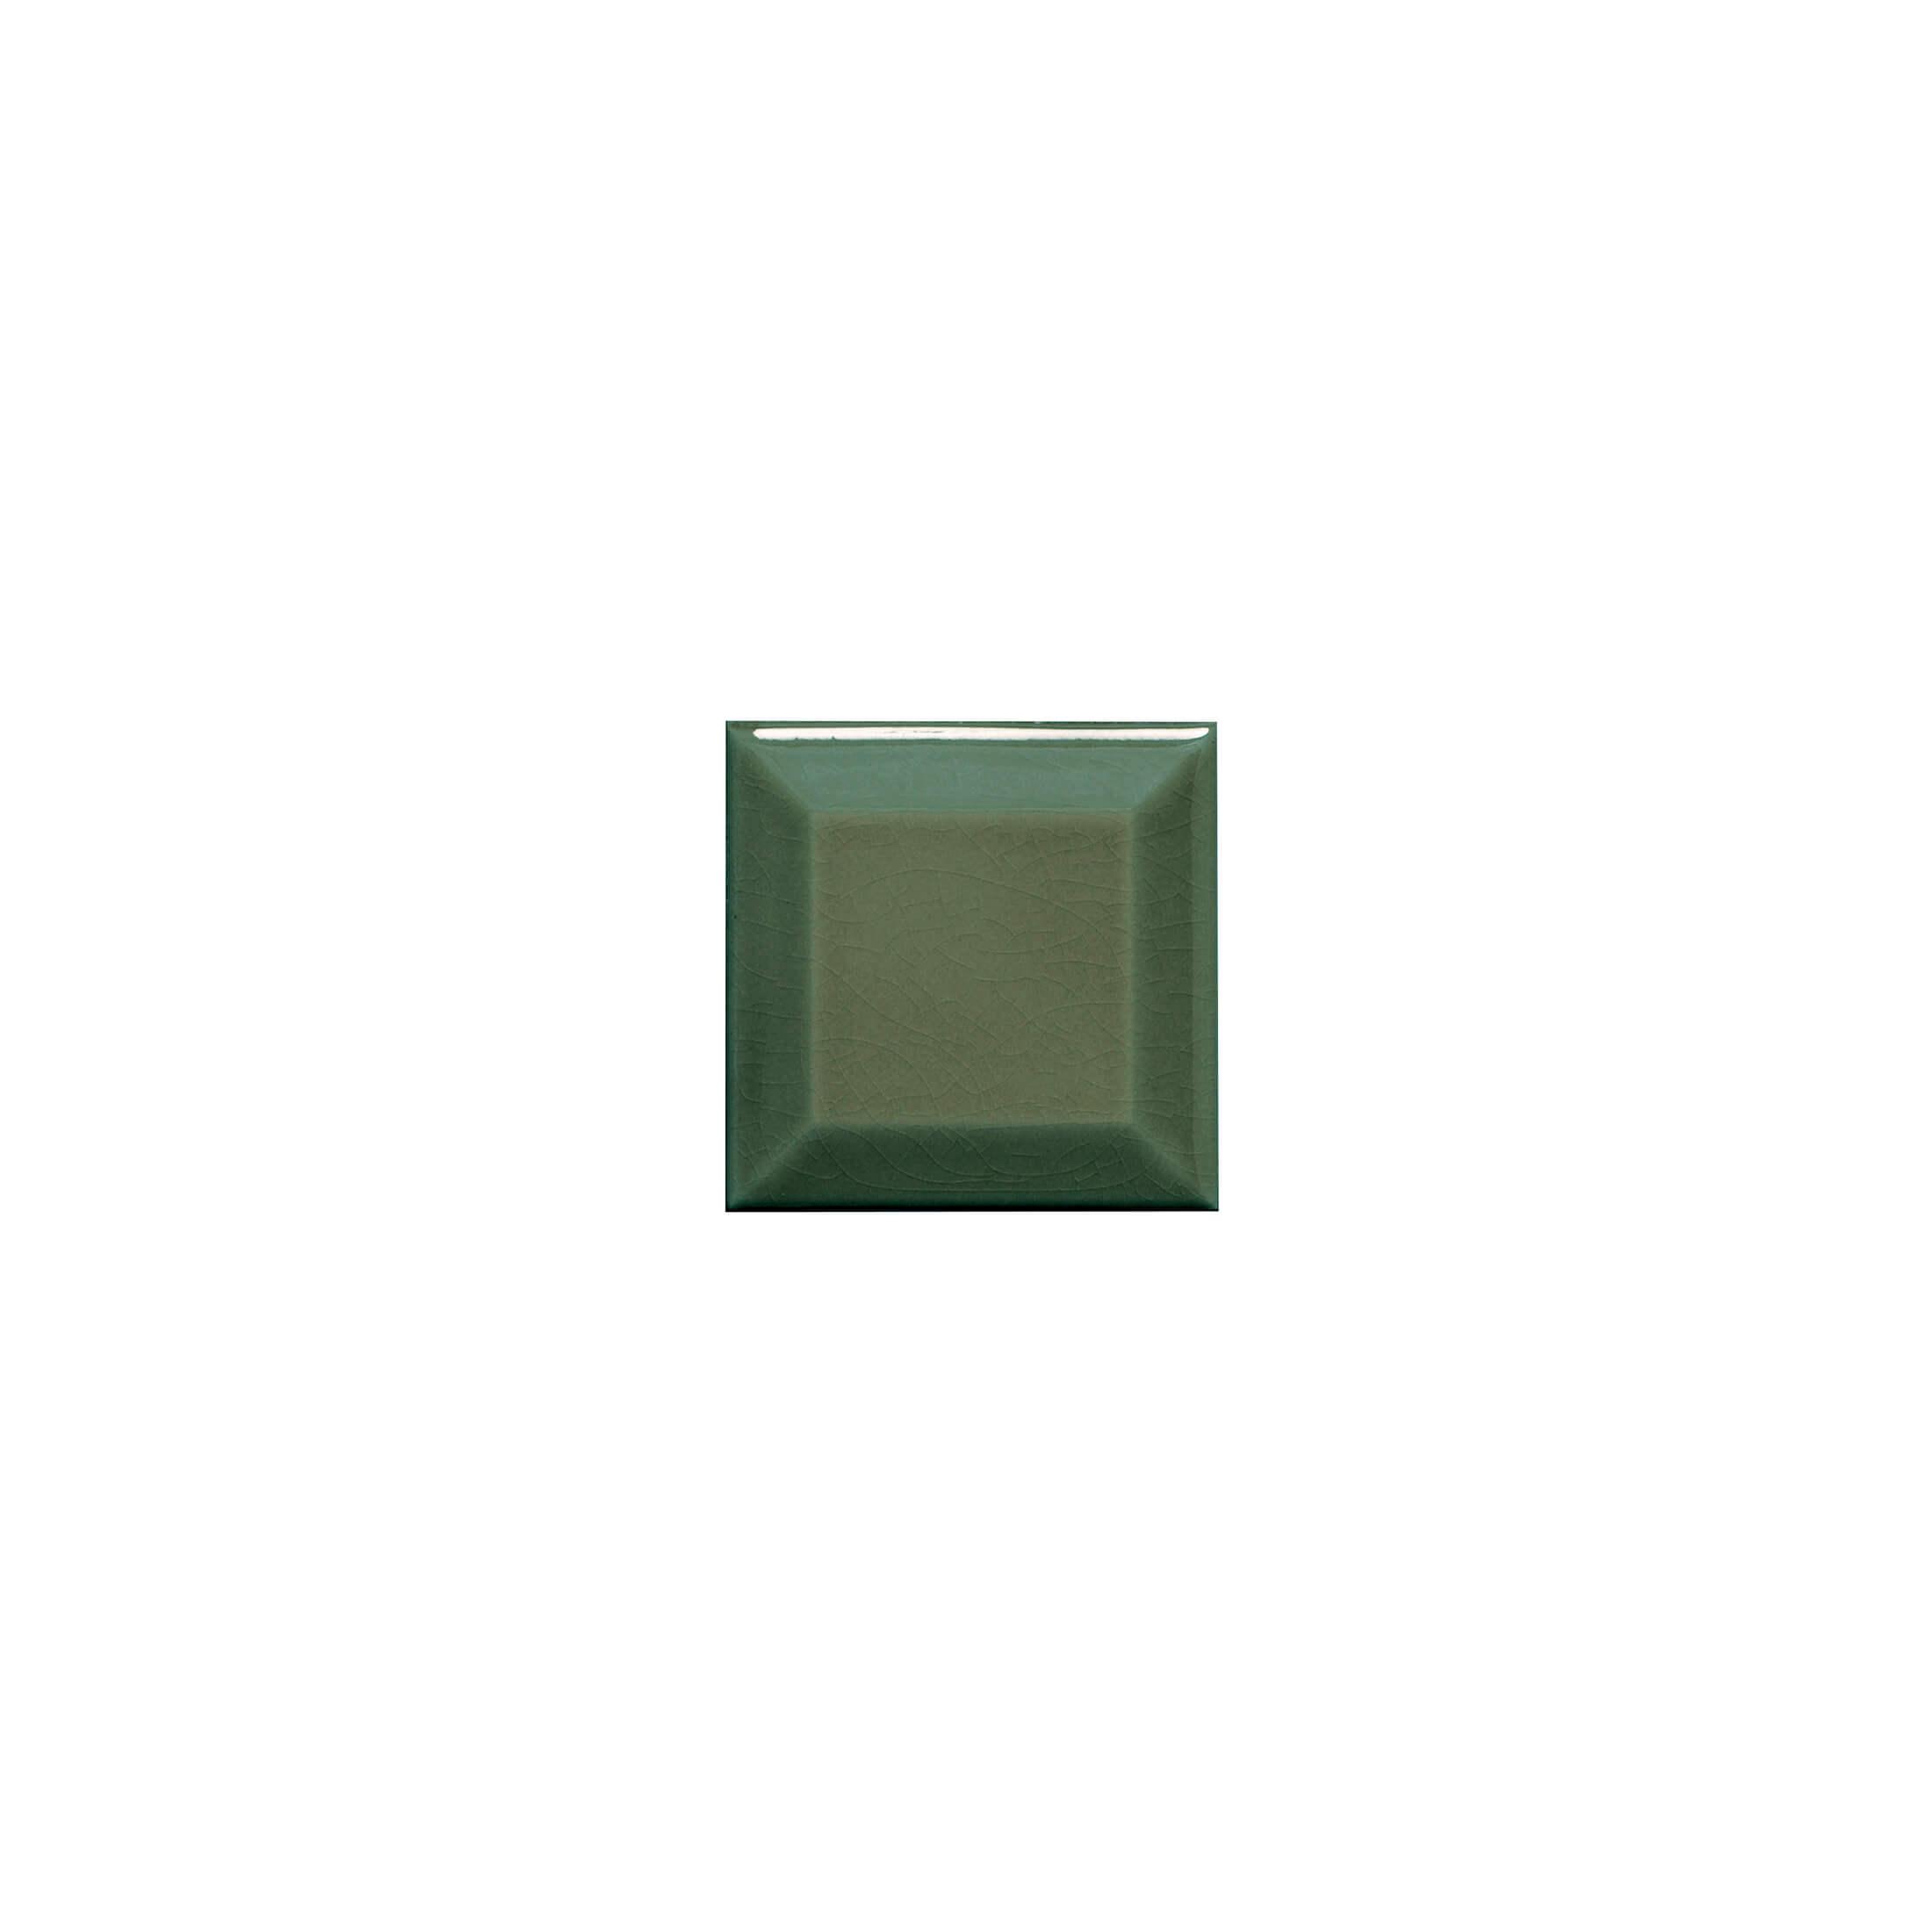 ADMO2028 - BISELADO PB C/C - 7.5 cm X 7.5 cm